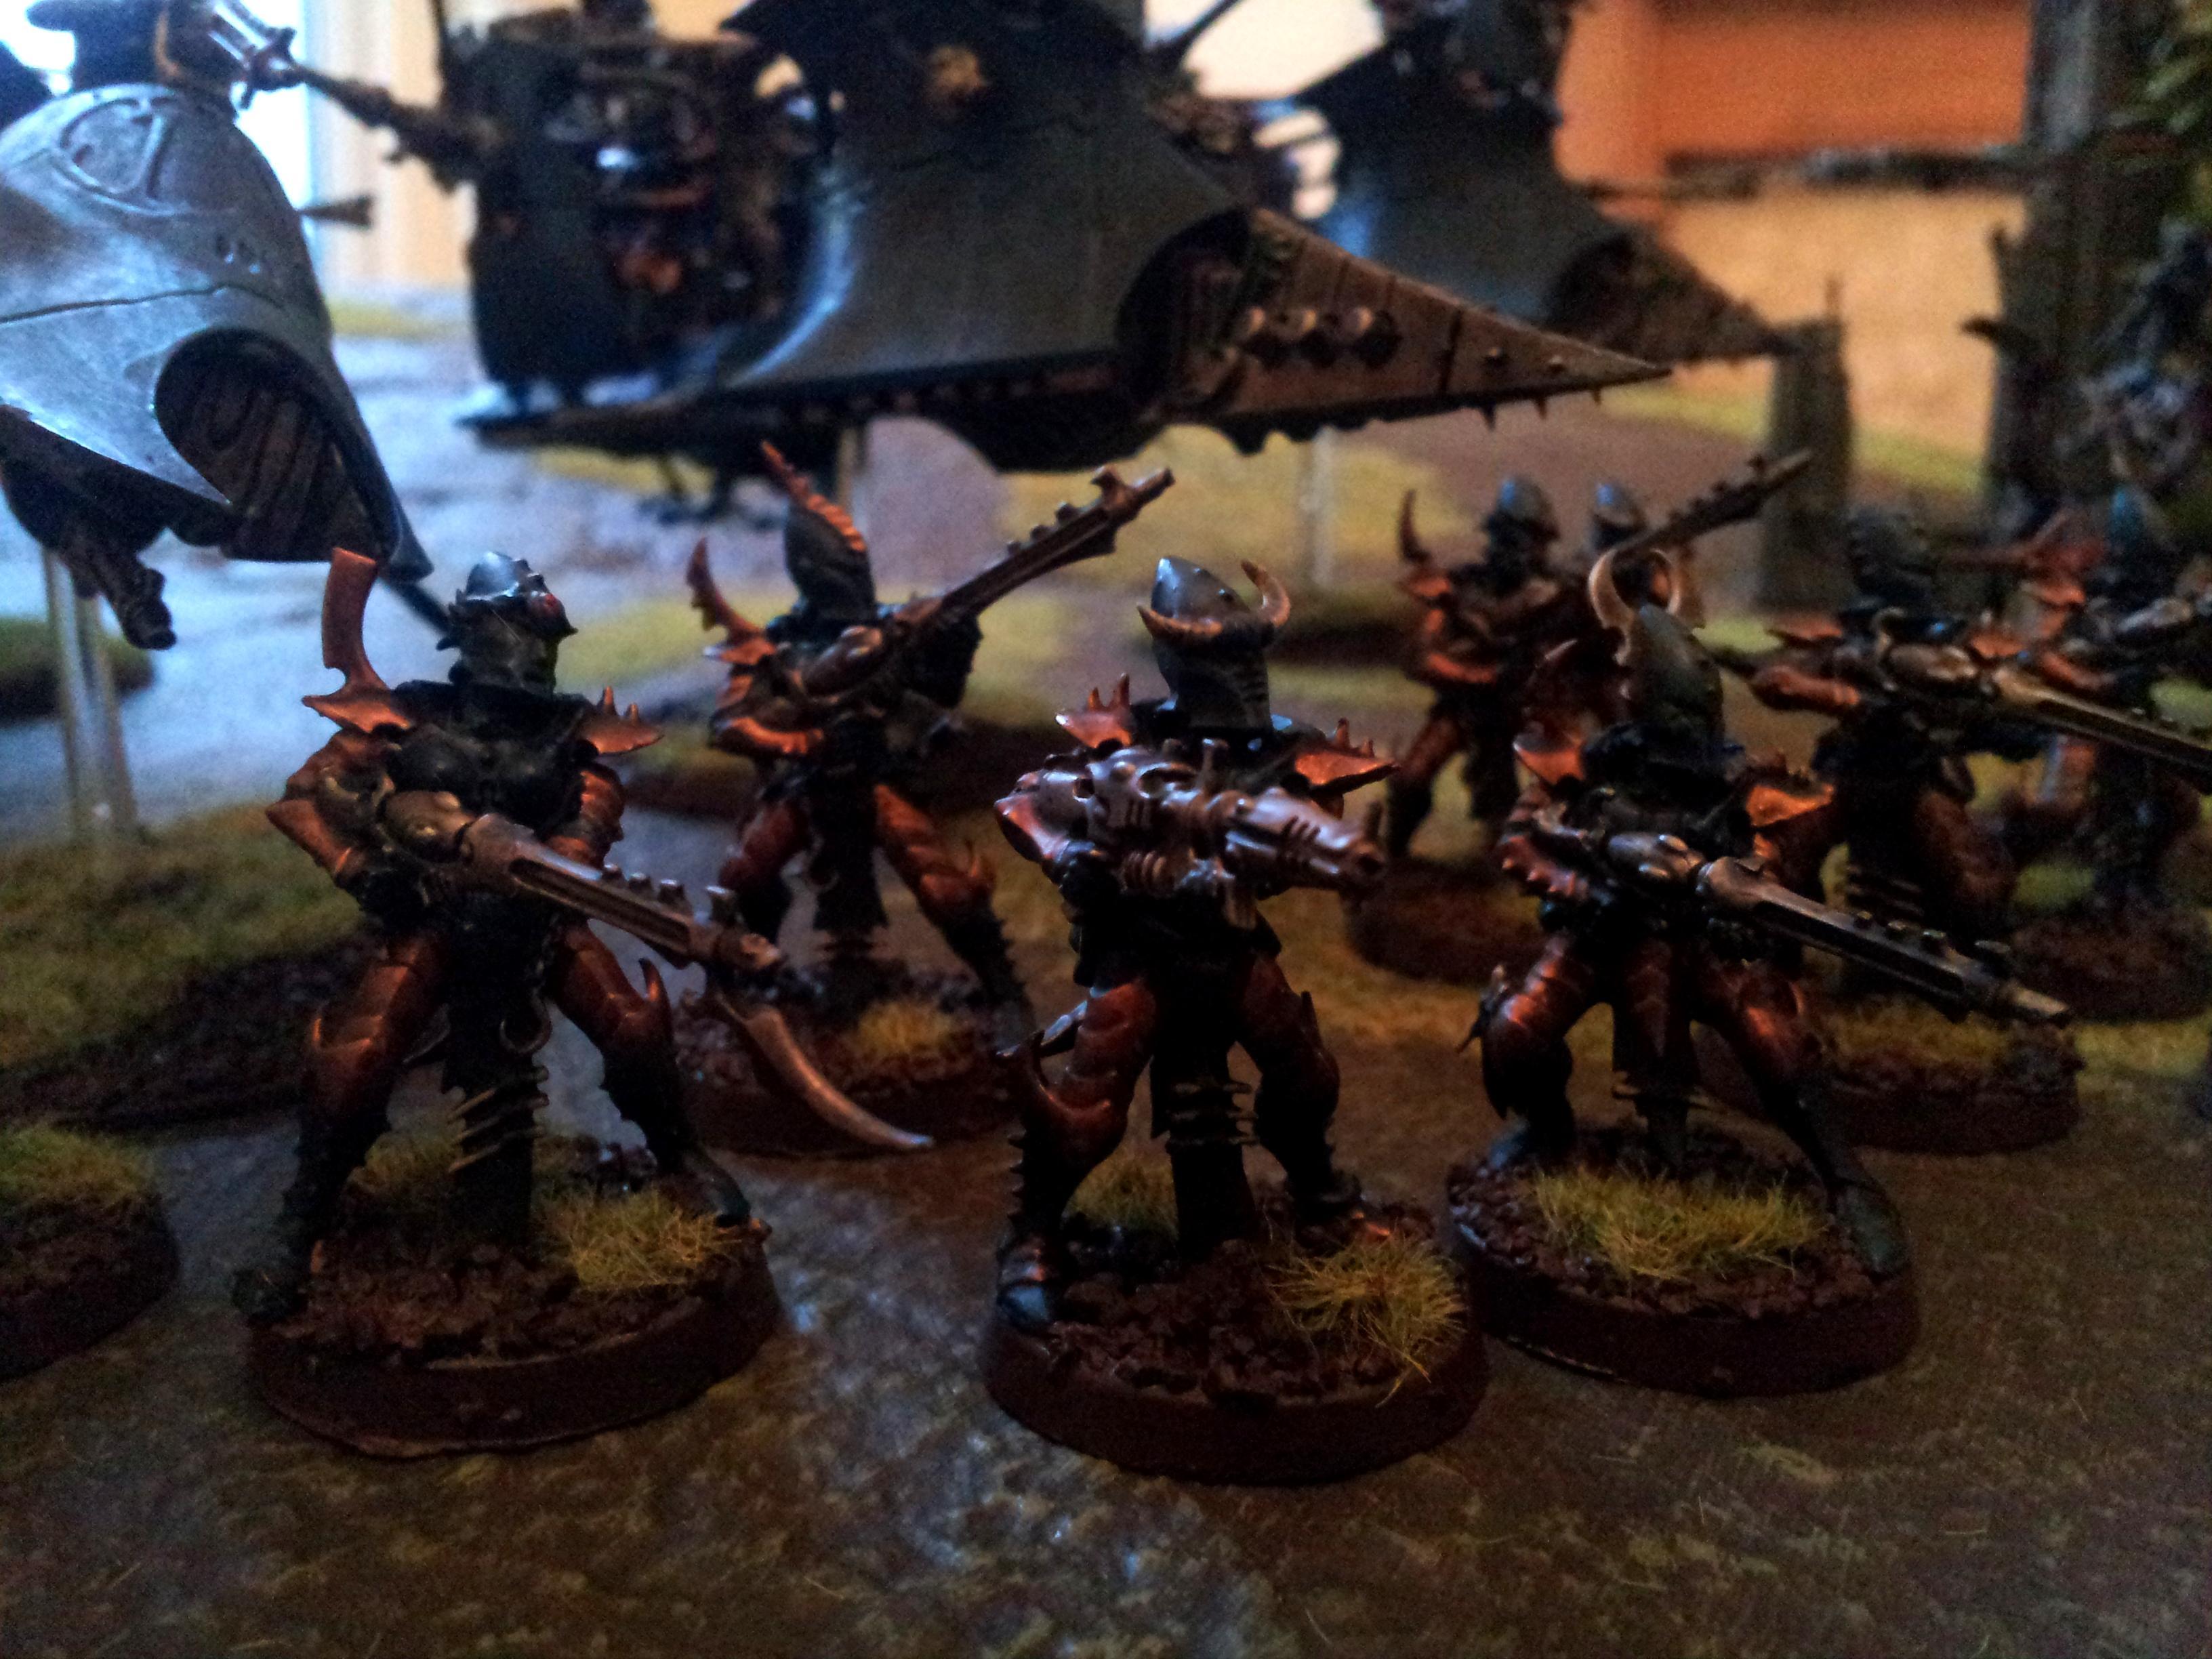 Dark, Eldar, Kabalite, Raider, Rifle, Splinter, Warriors